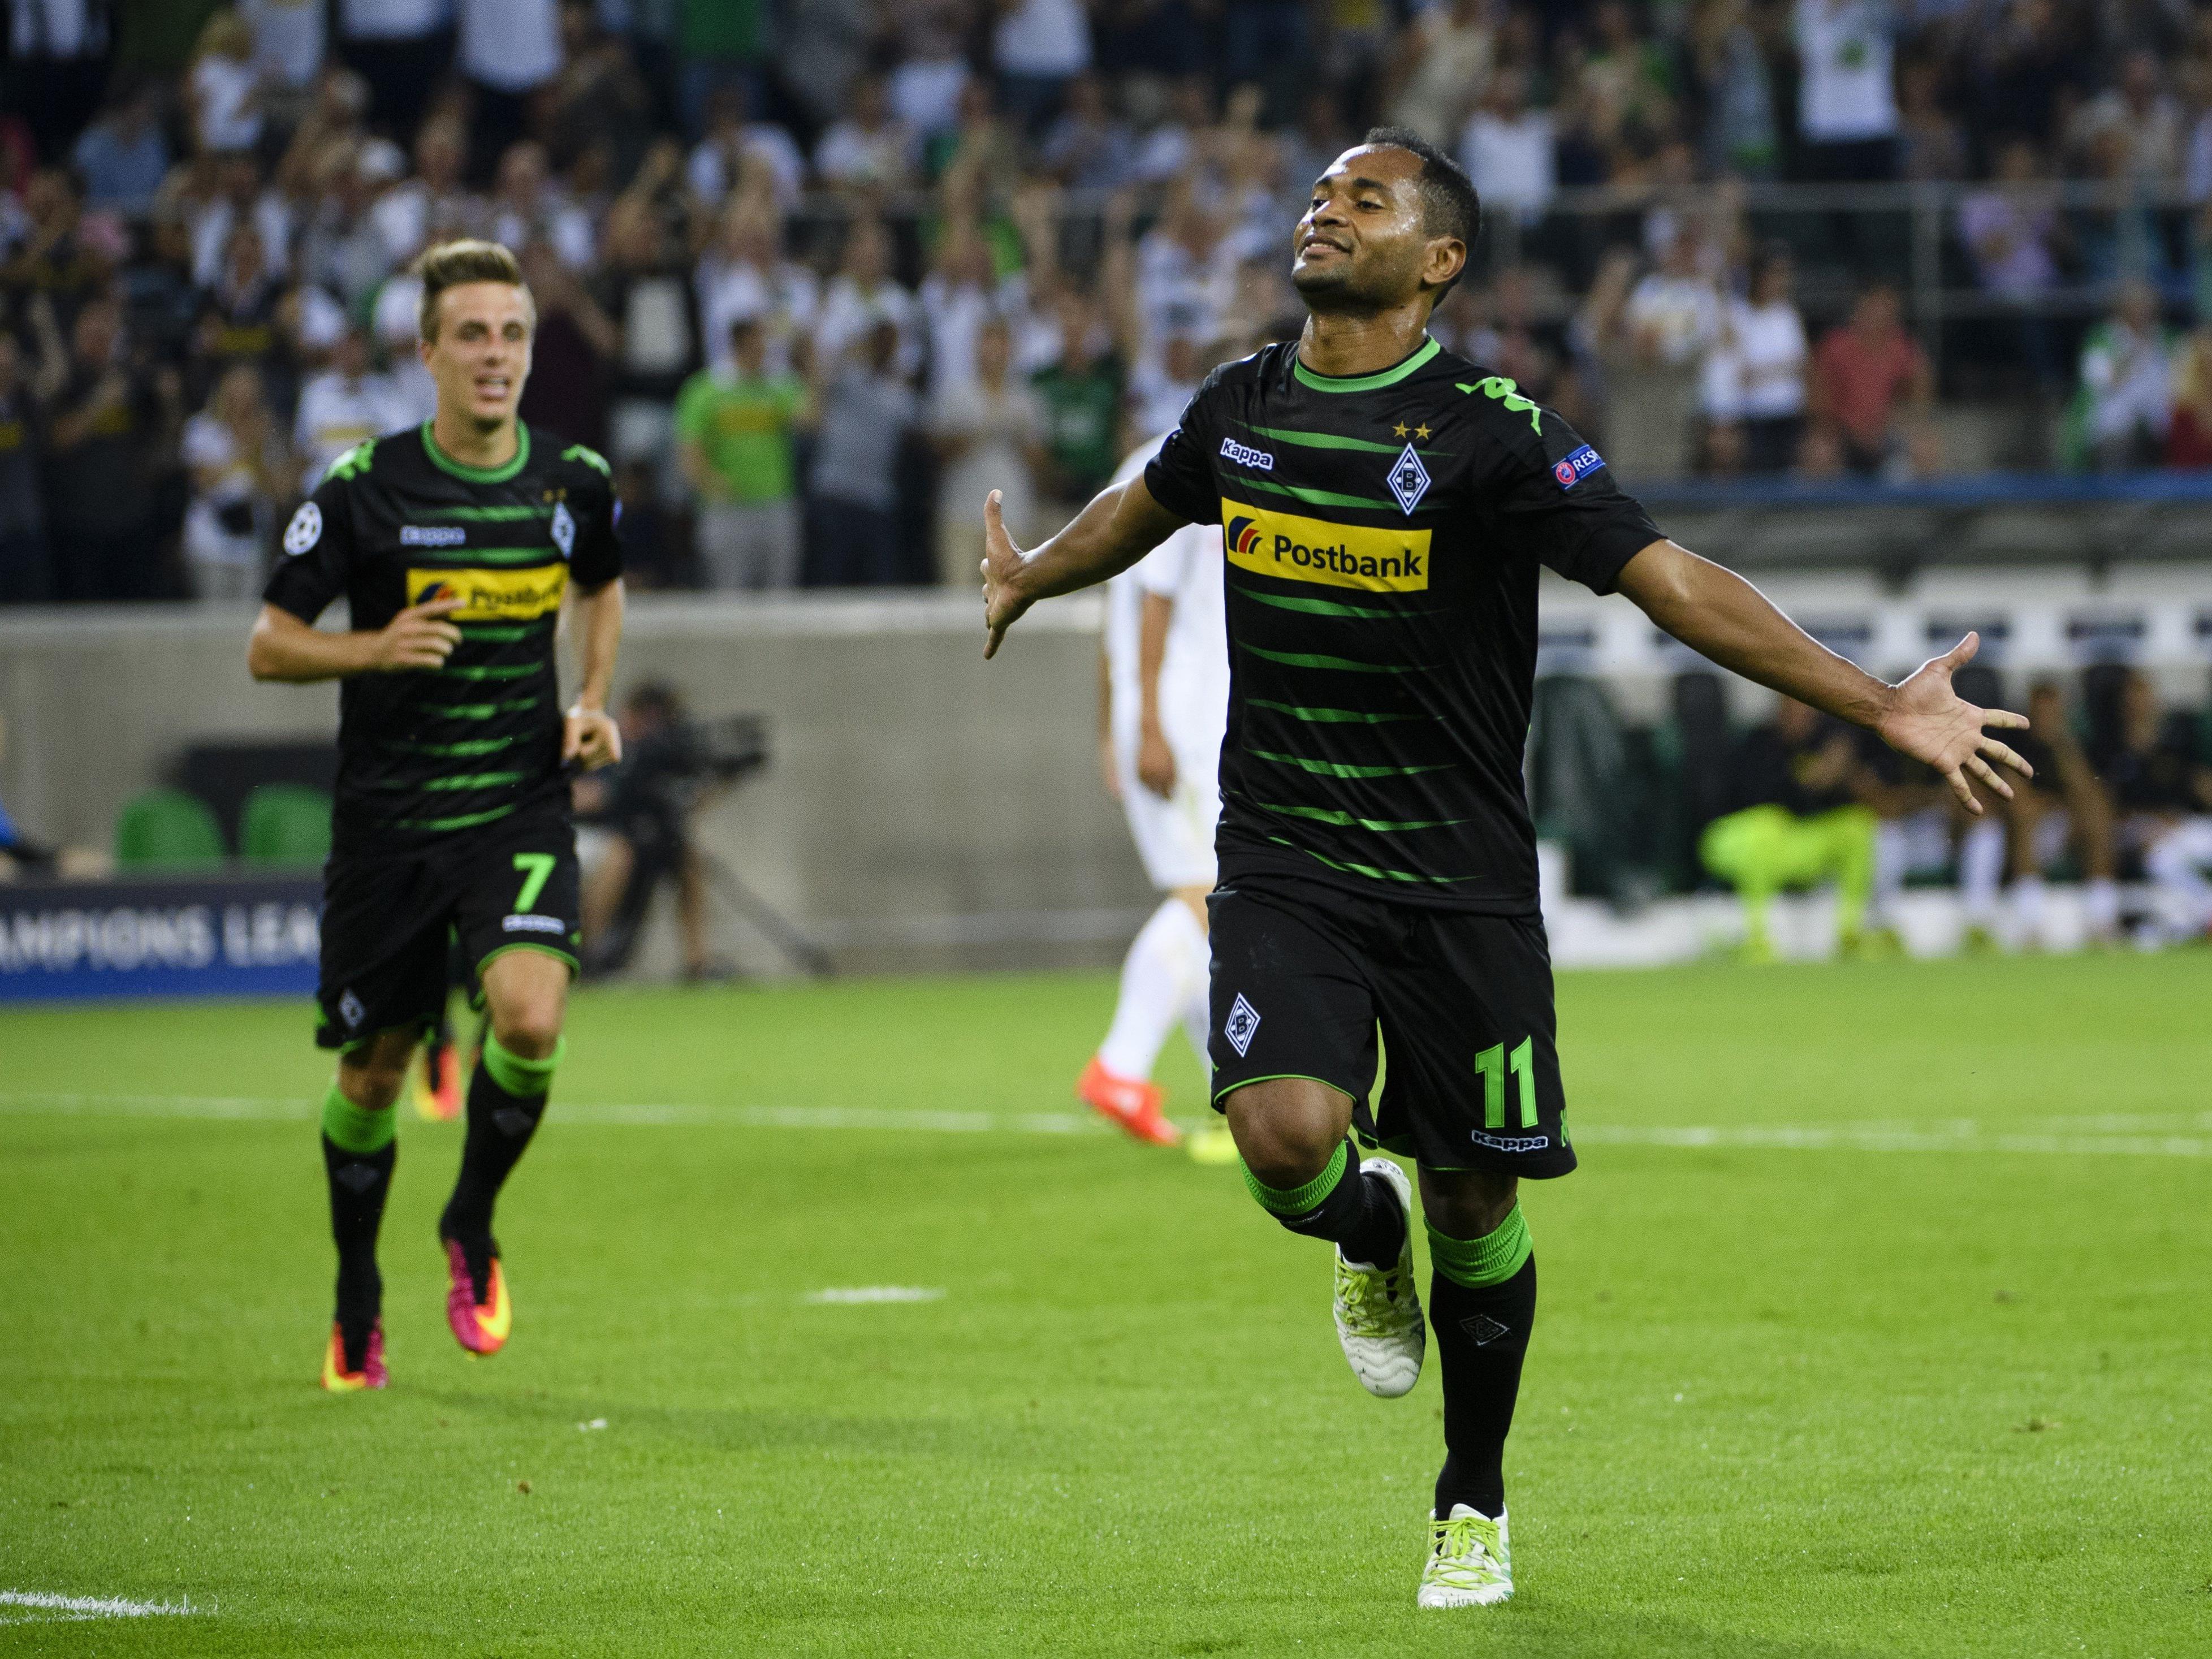 Die Deutsche Bundesliga bestreitet ihre ersten Samstagspartien der Saison 2016/2017. Unter anderem mit der Partie Borussia Mönchengladbach gegen Bayer Leverkusen.